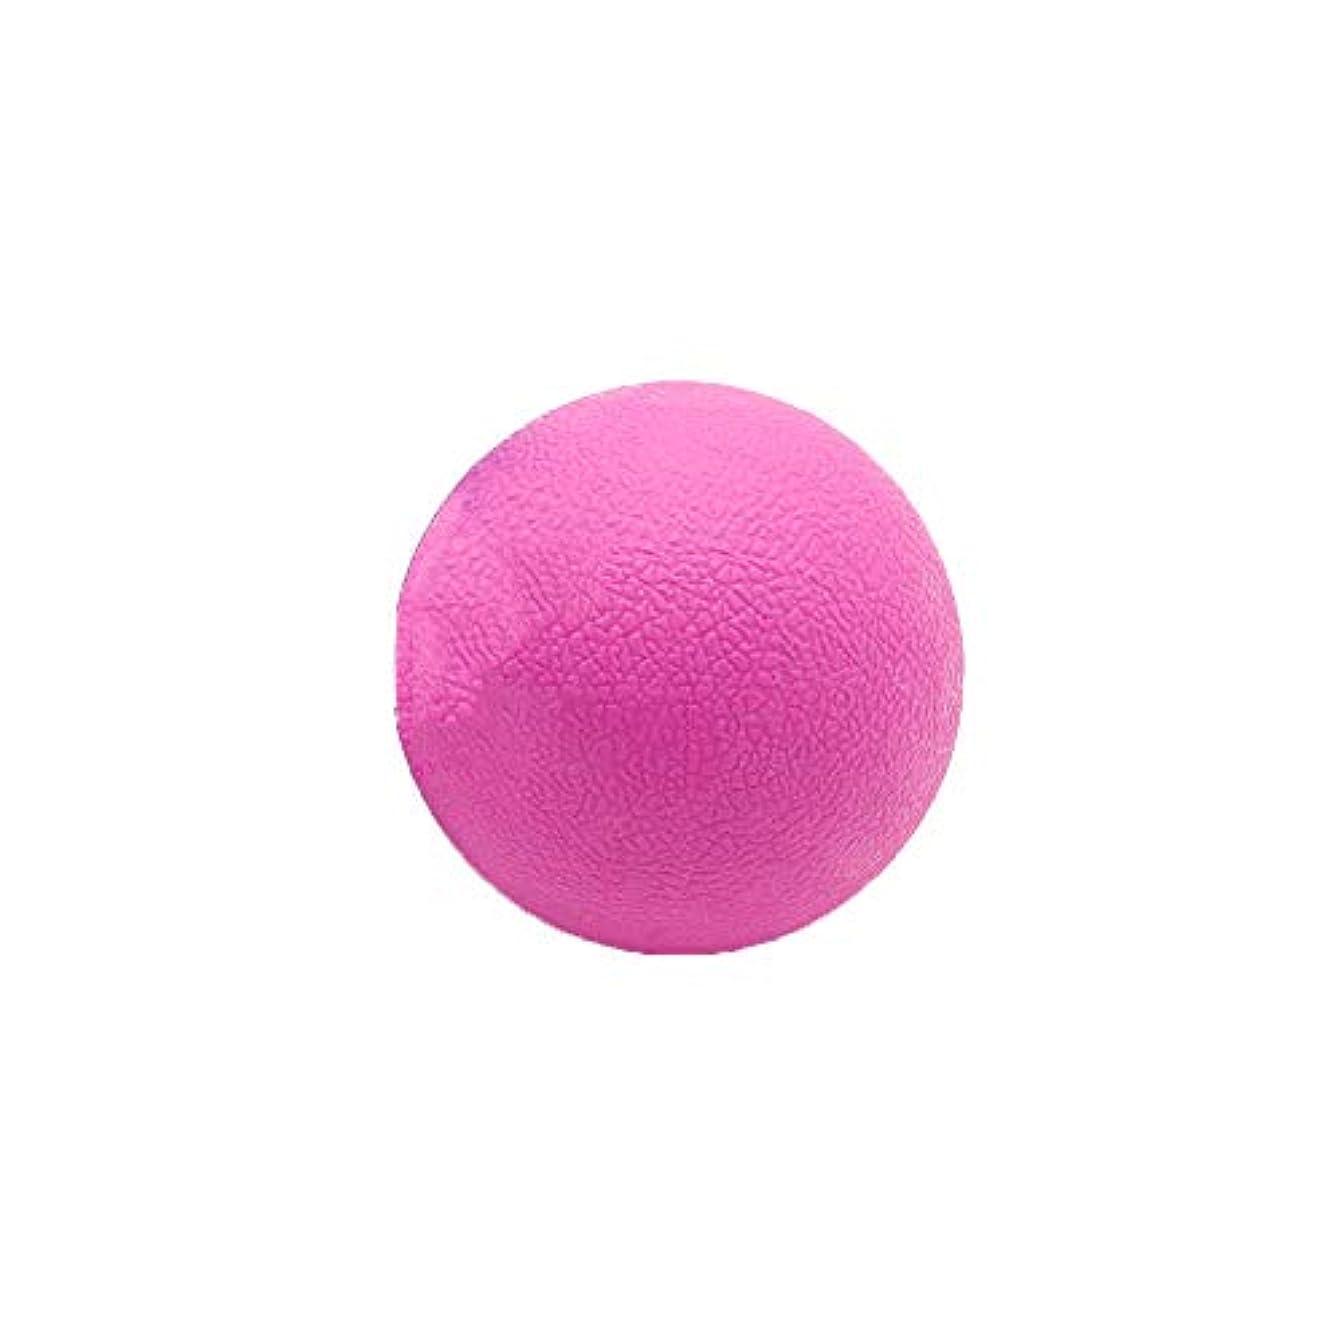 銃ユーザー割り込みTyou ロングホッケー ボール ストレッチ リリース マッサージボール 足部 マッサージボール 背中 筋肉 トレーニングボール ピンク